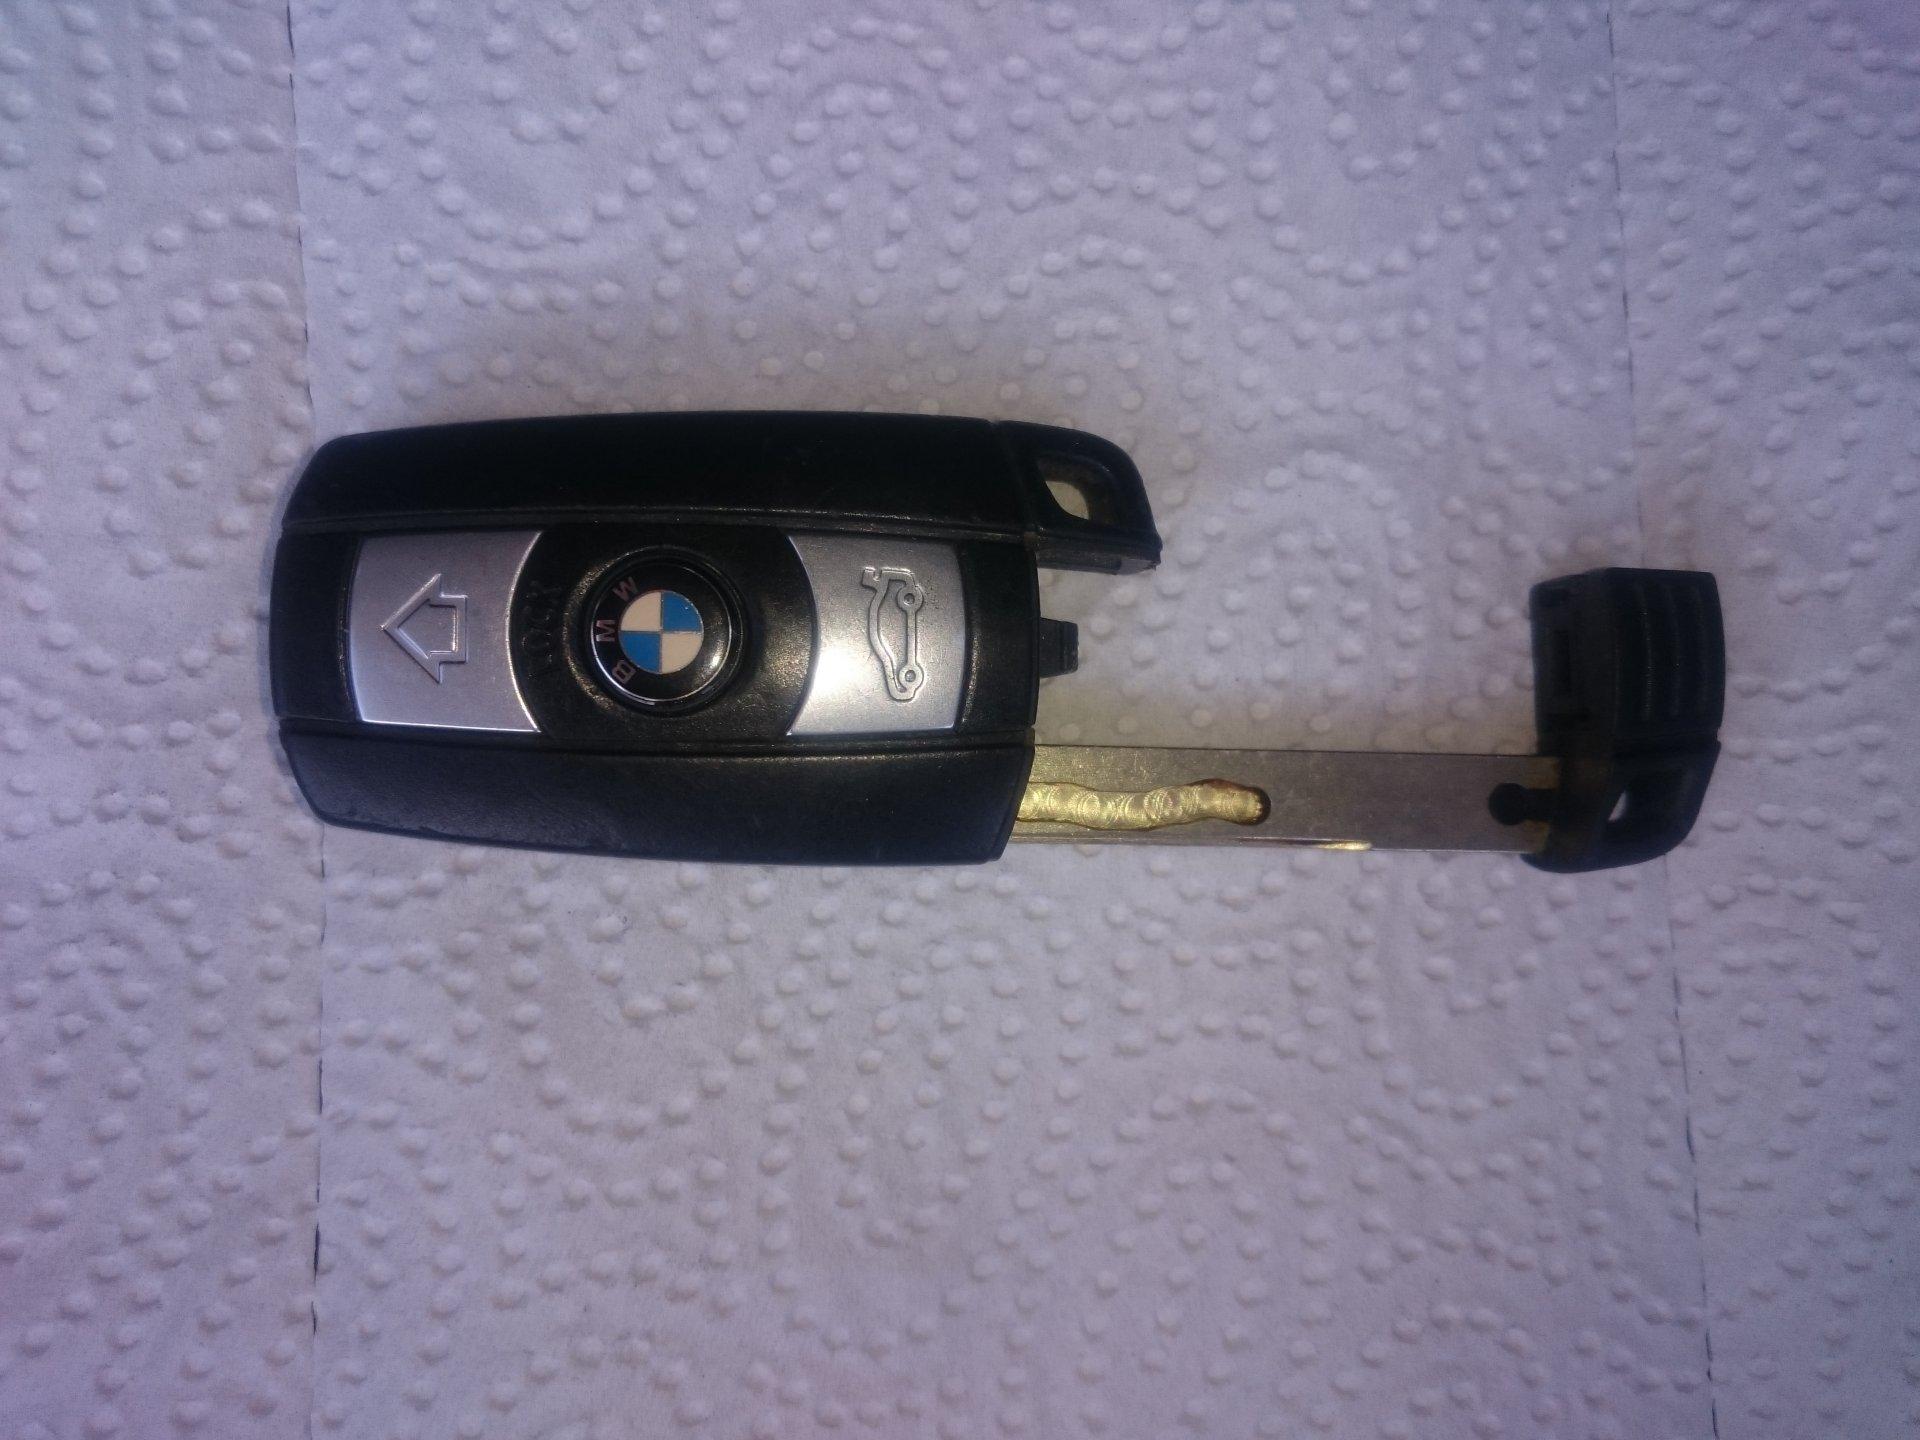 BMW Schlüssel.jpg